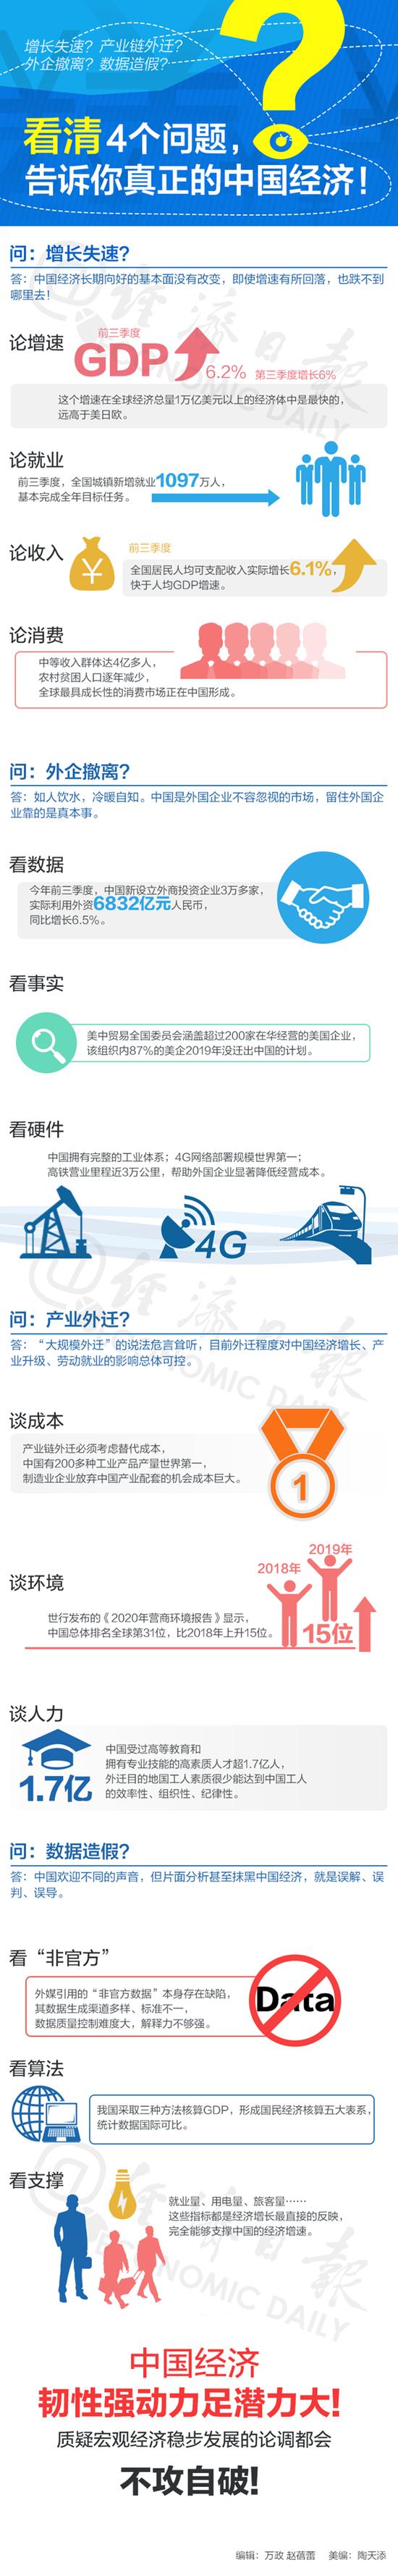 乐视网董事长:无法判断贾跃亭申请破产对还债的影响